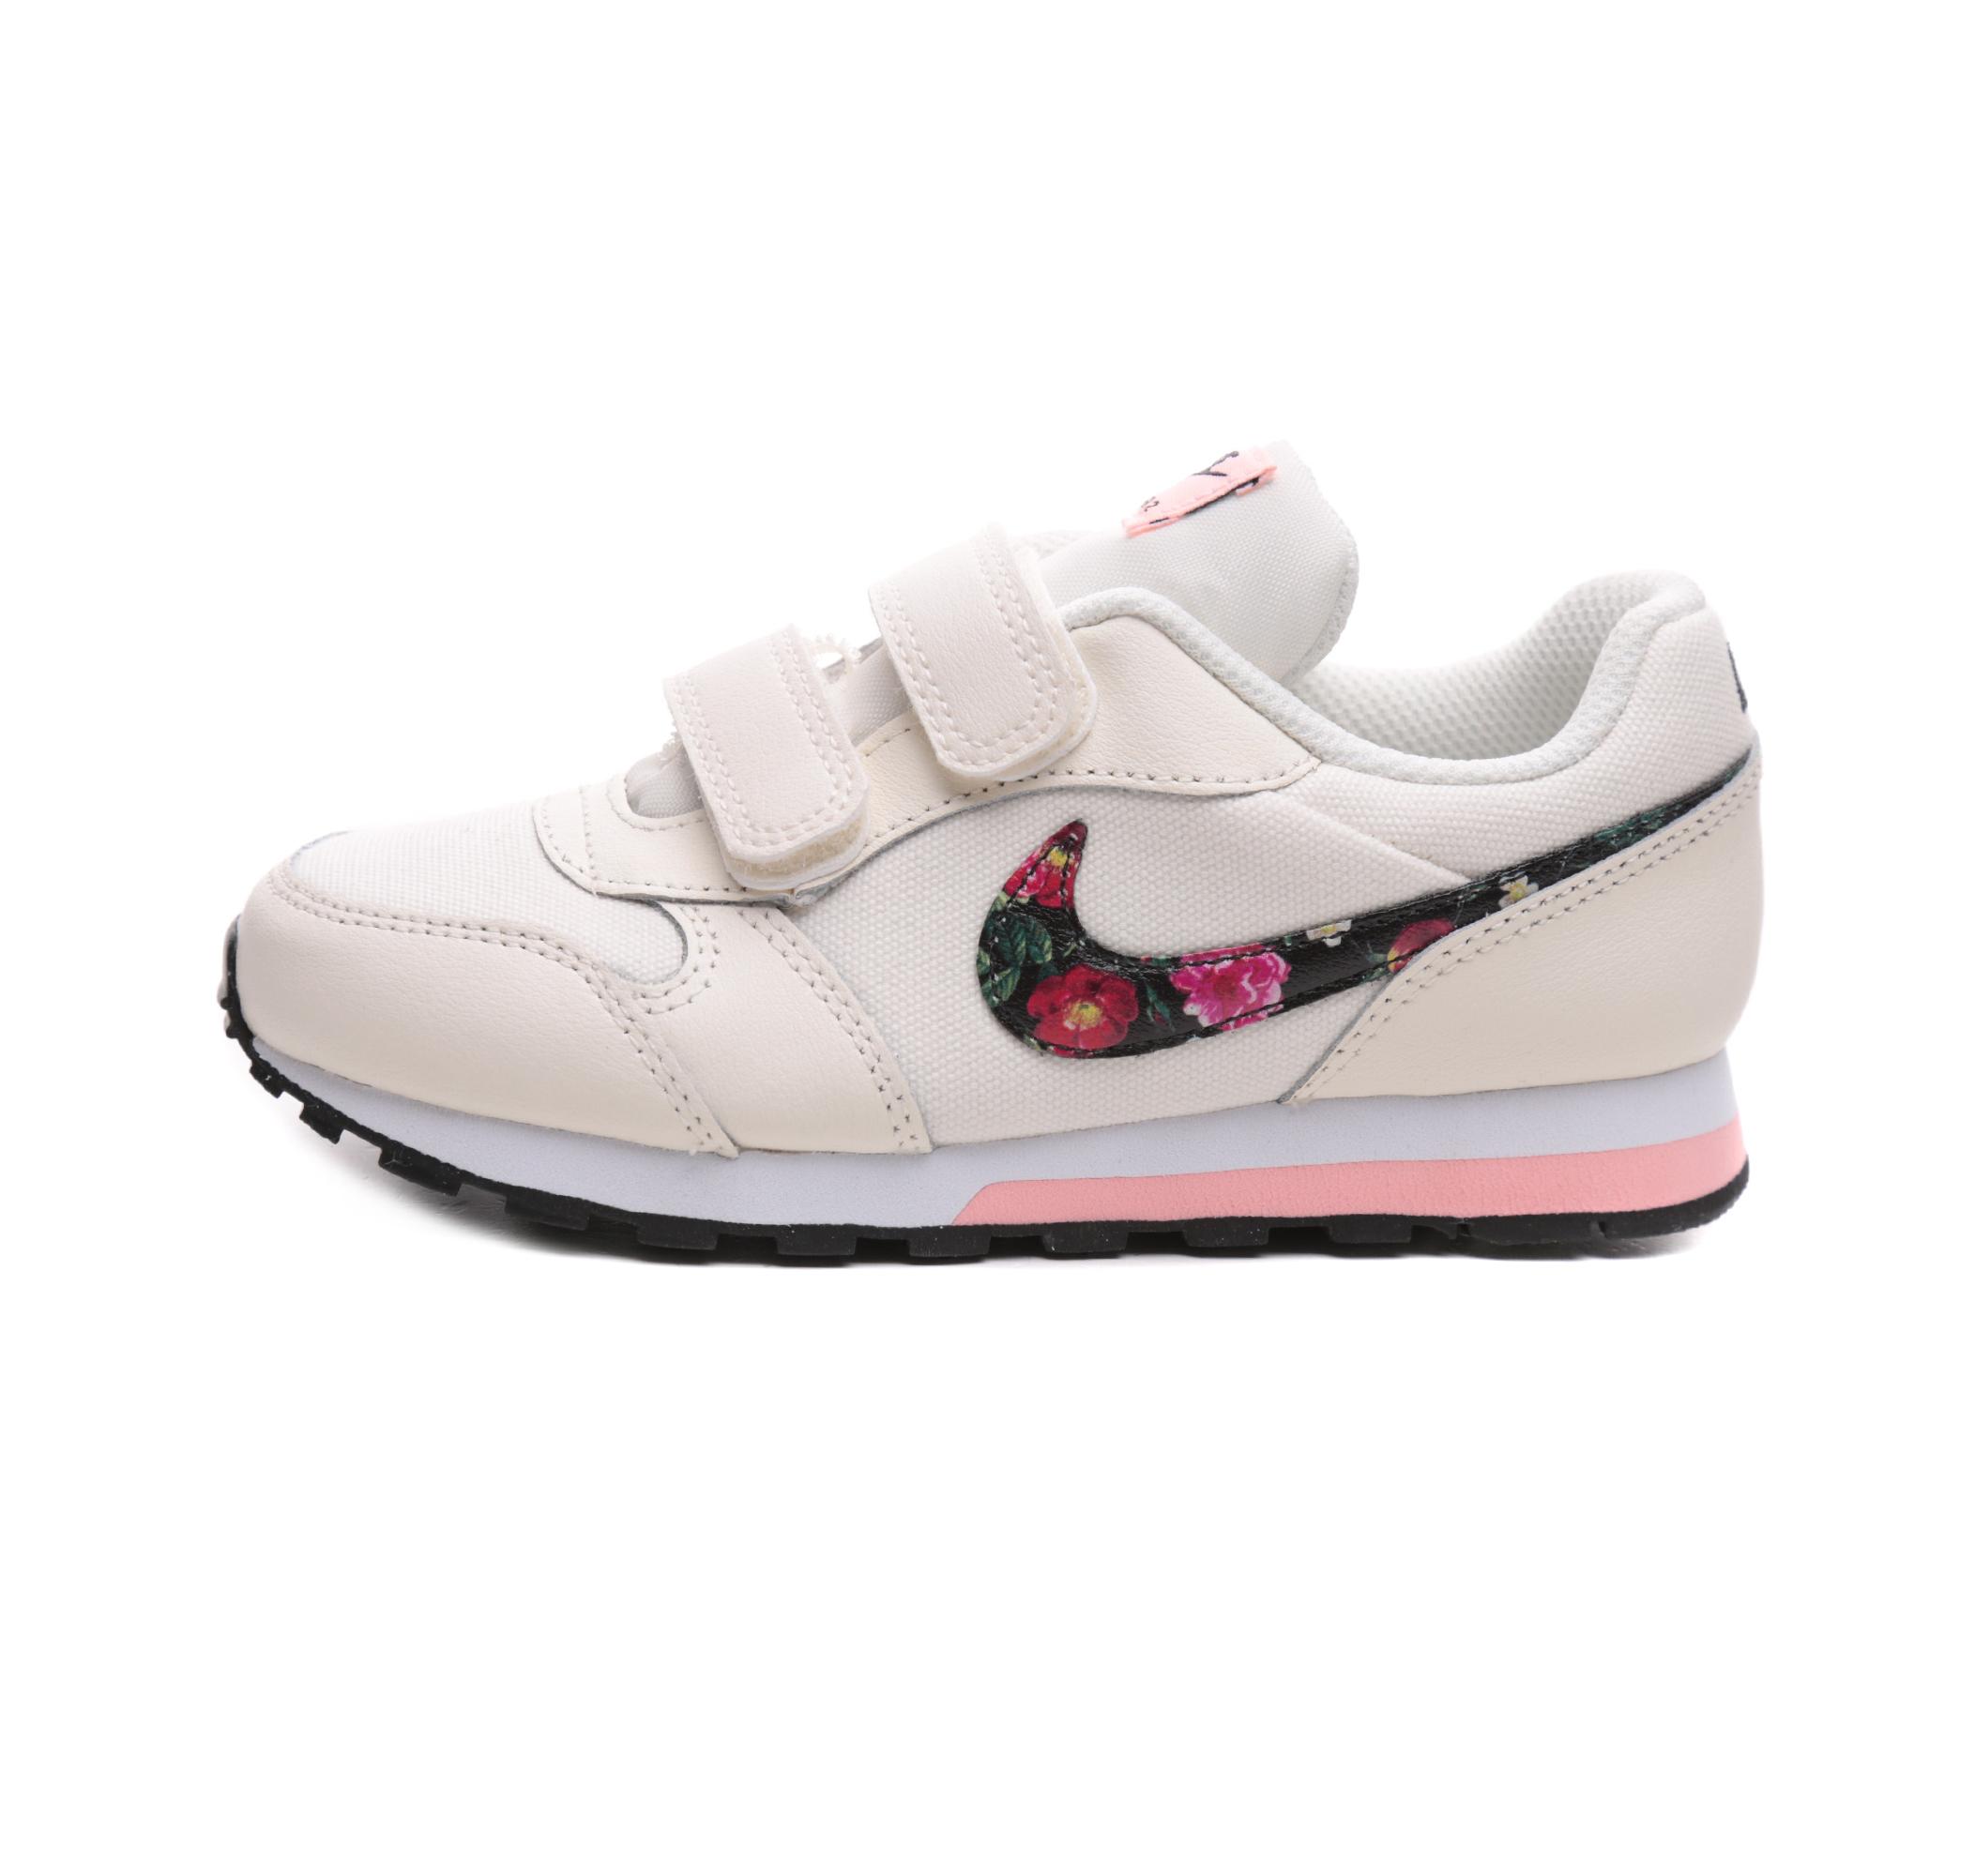 Md Runner 2 Vf (Psv) Çocuk Spor Ayakkabı